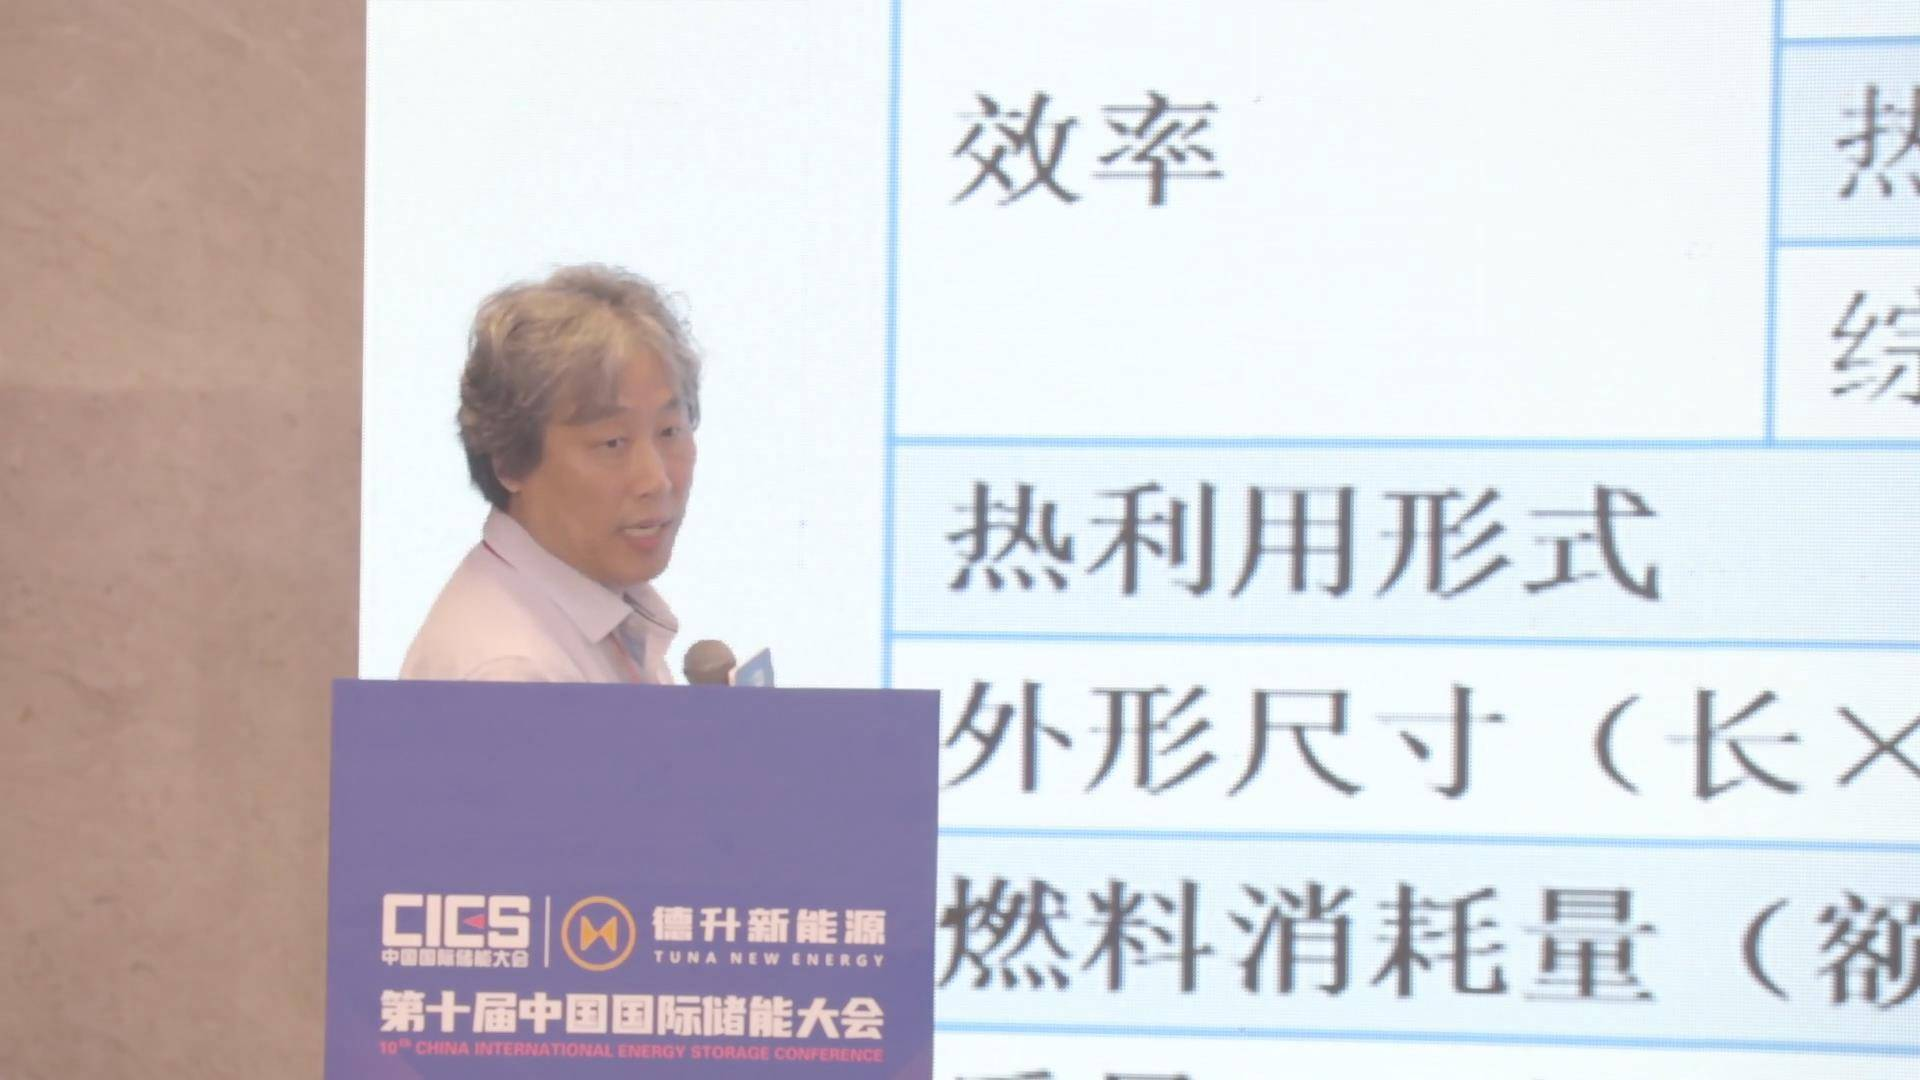 燃料電池分布式能源的適應性和應用前景分析[上海舜華新能源公司 姚才華]